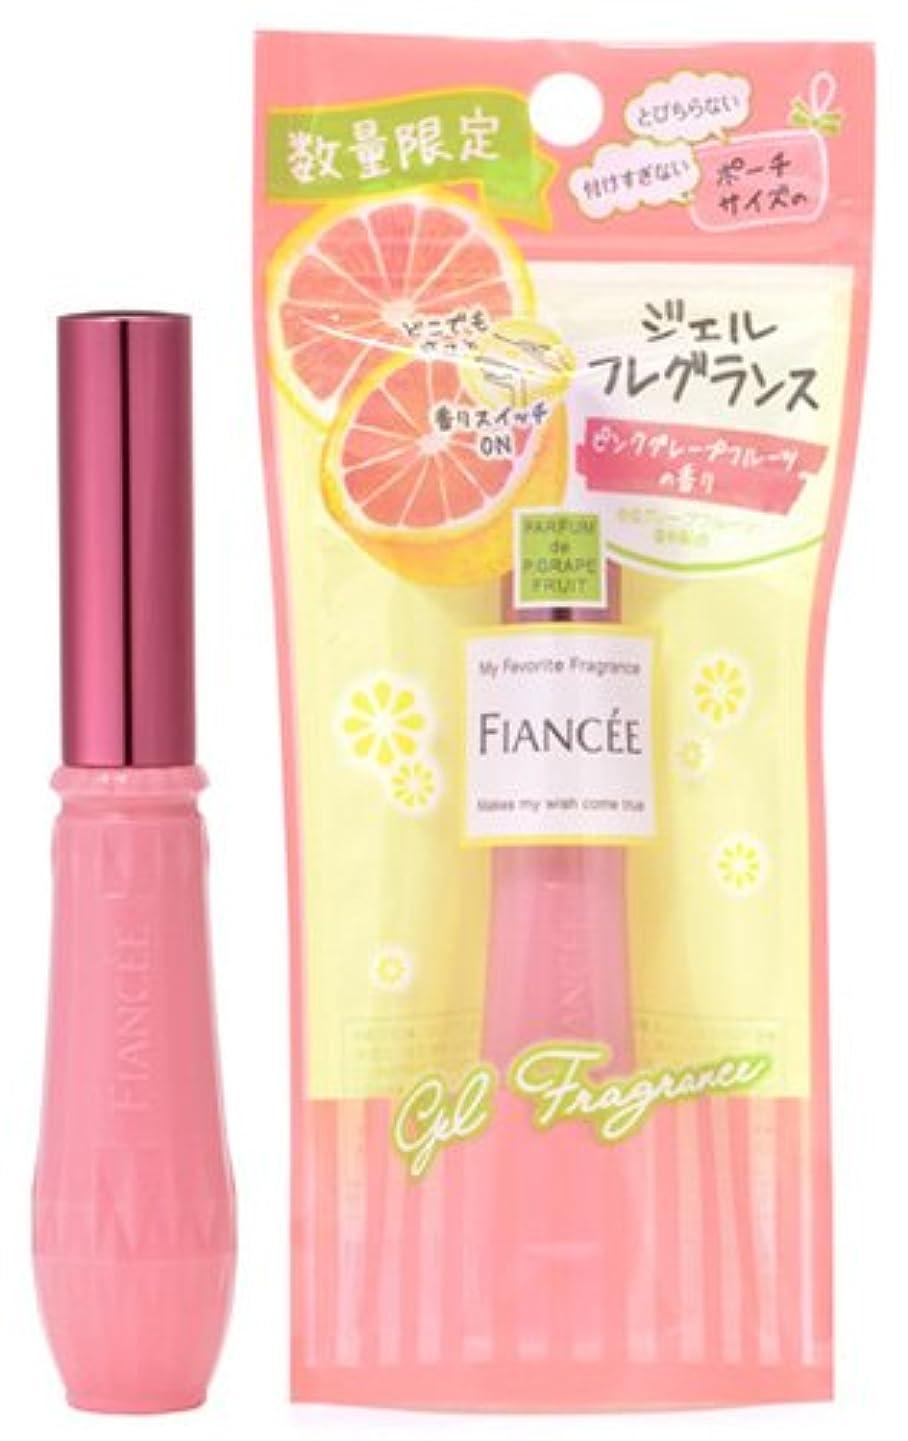 超越する消える二度フィアンセ ジェルフレグランス ピンクグレープフルーツの香り